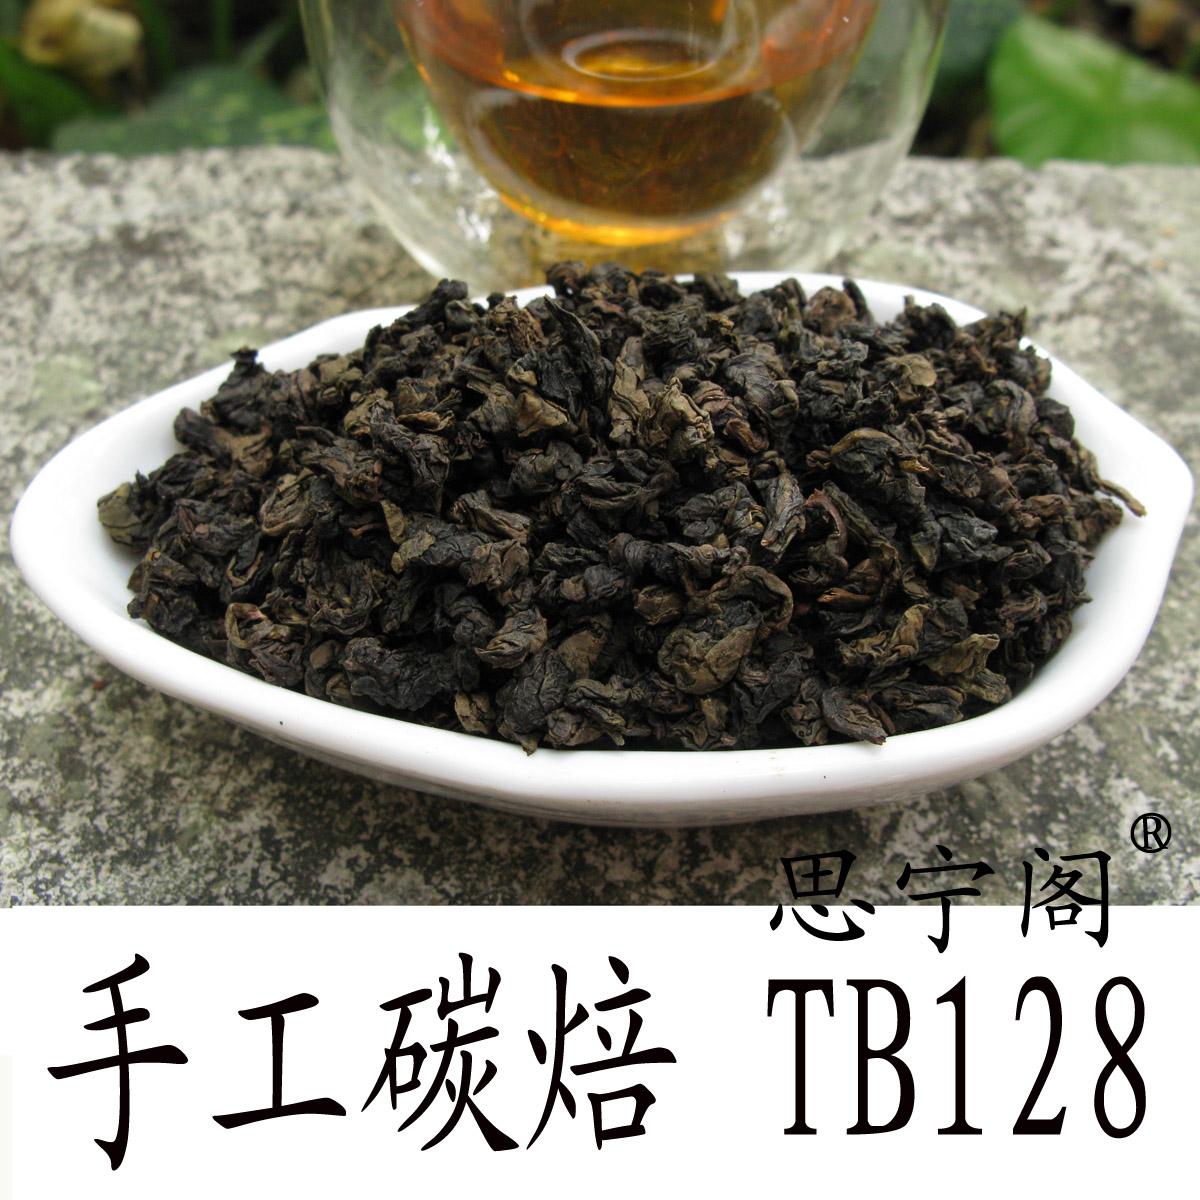 碳培铁观音王熟茶手工炭焙浓香型500g木炭春茶柴烧安溪黑乌龙茶叶